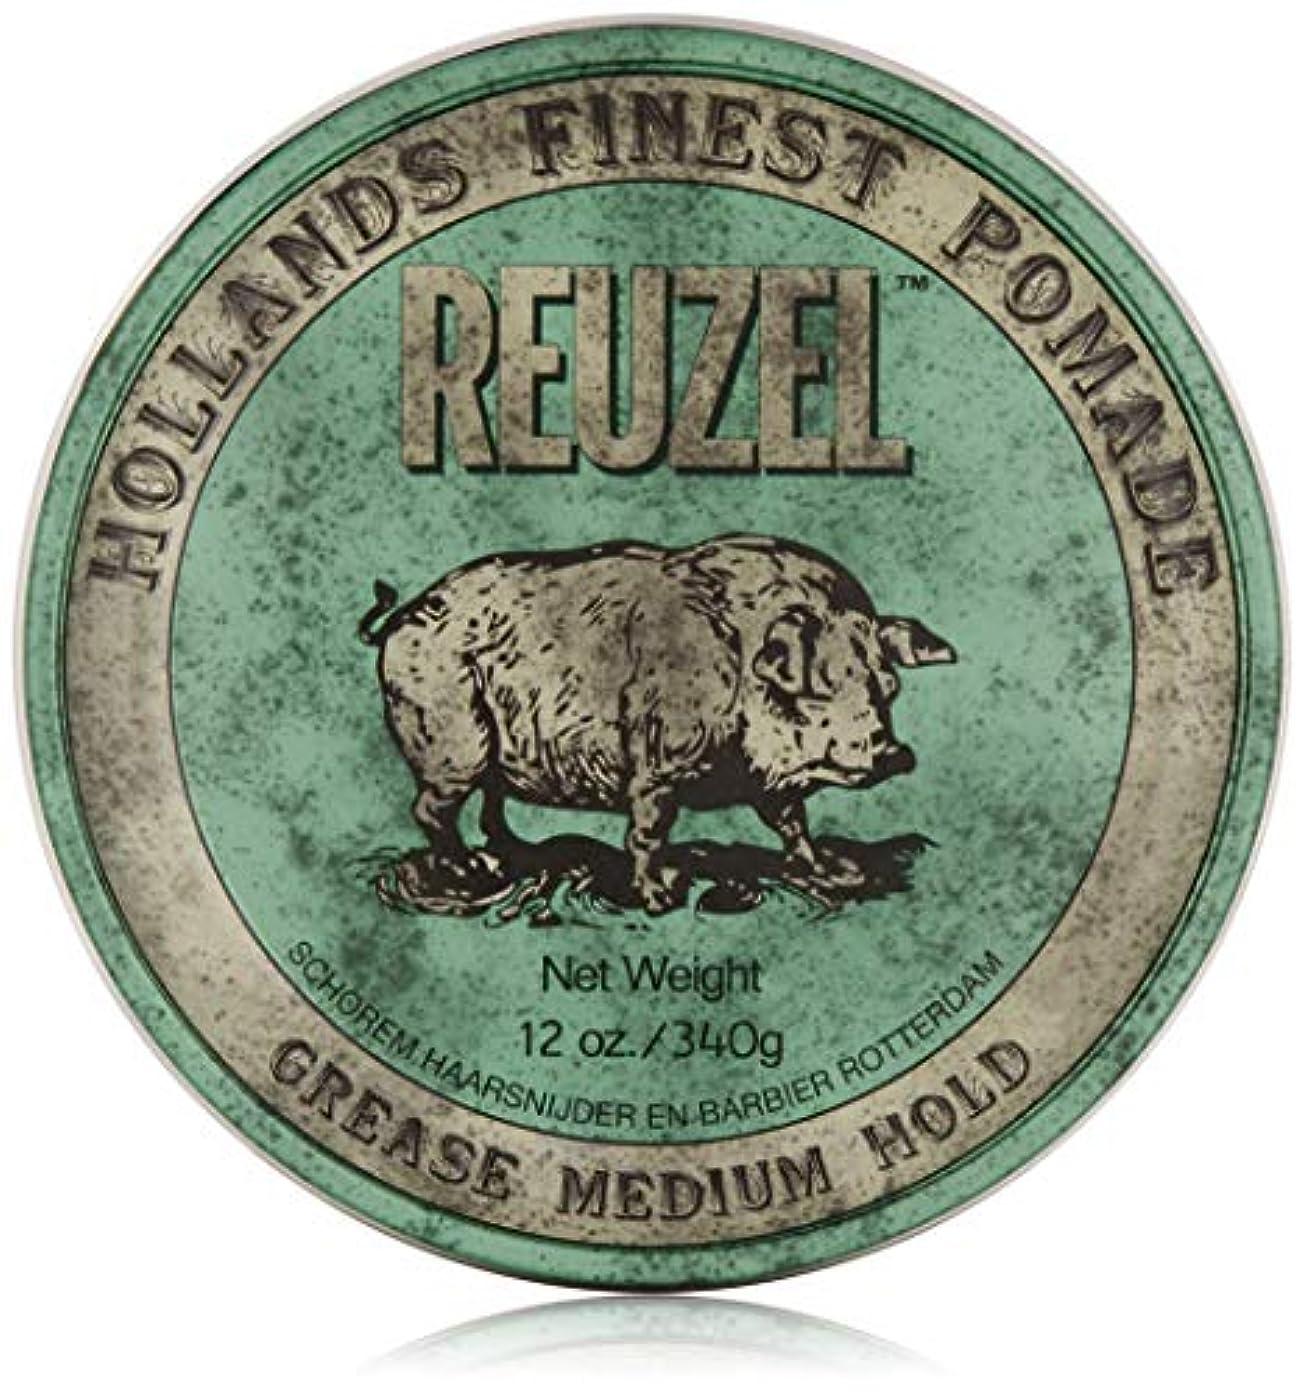 拡張咽頭ラベンダーREUZEL Grease Medium Hold Pomade Hog, Green, 12 oz. by REUZEL